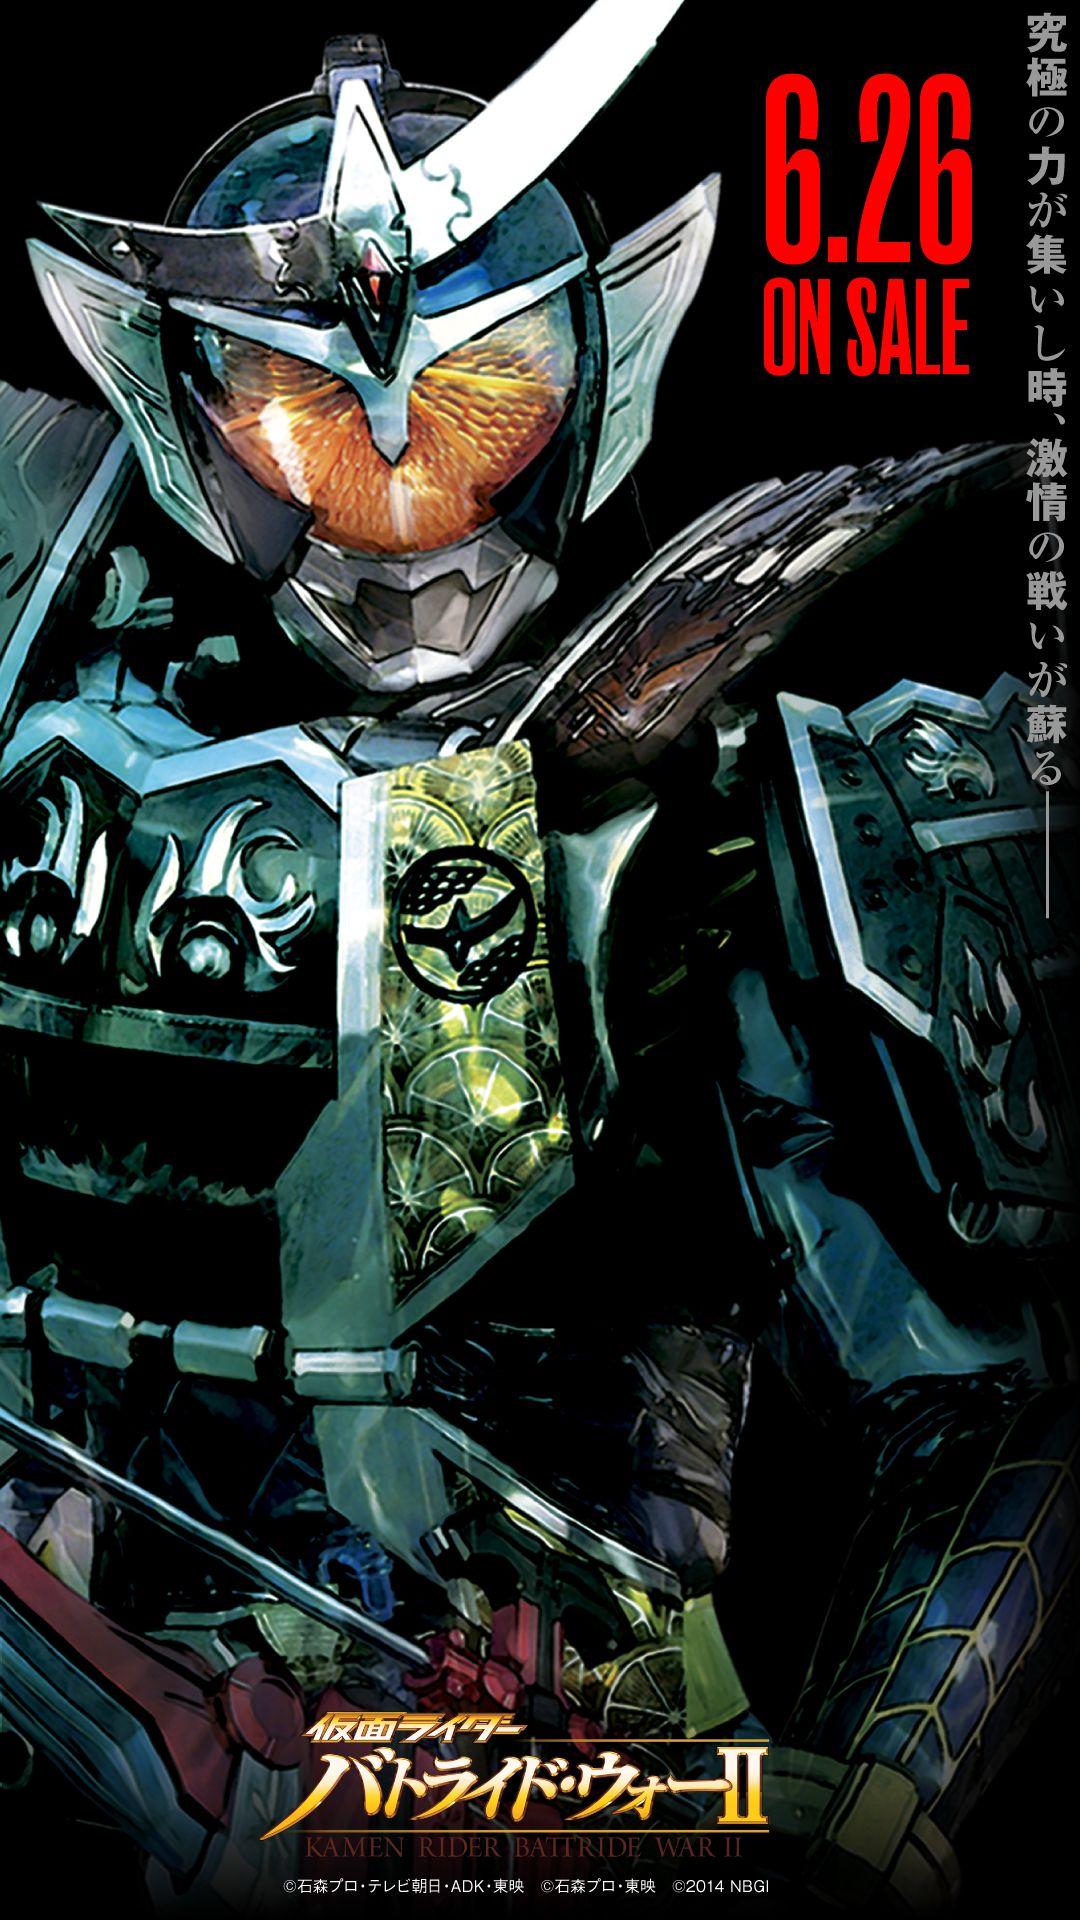 Kamen Rider Gaim Jimber Lemon Arms Kamenrider Maskedrider